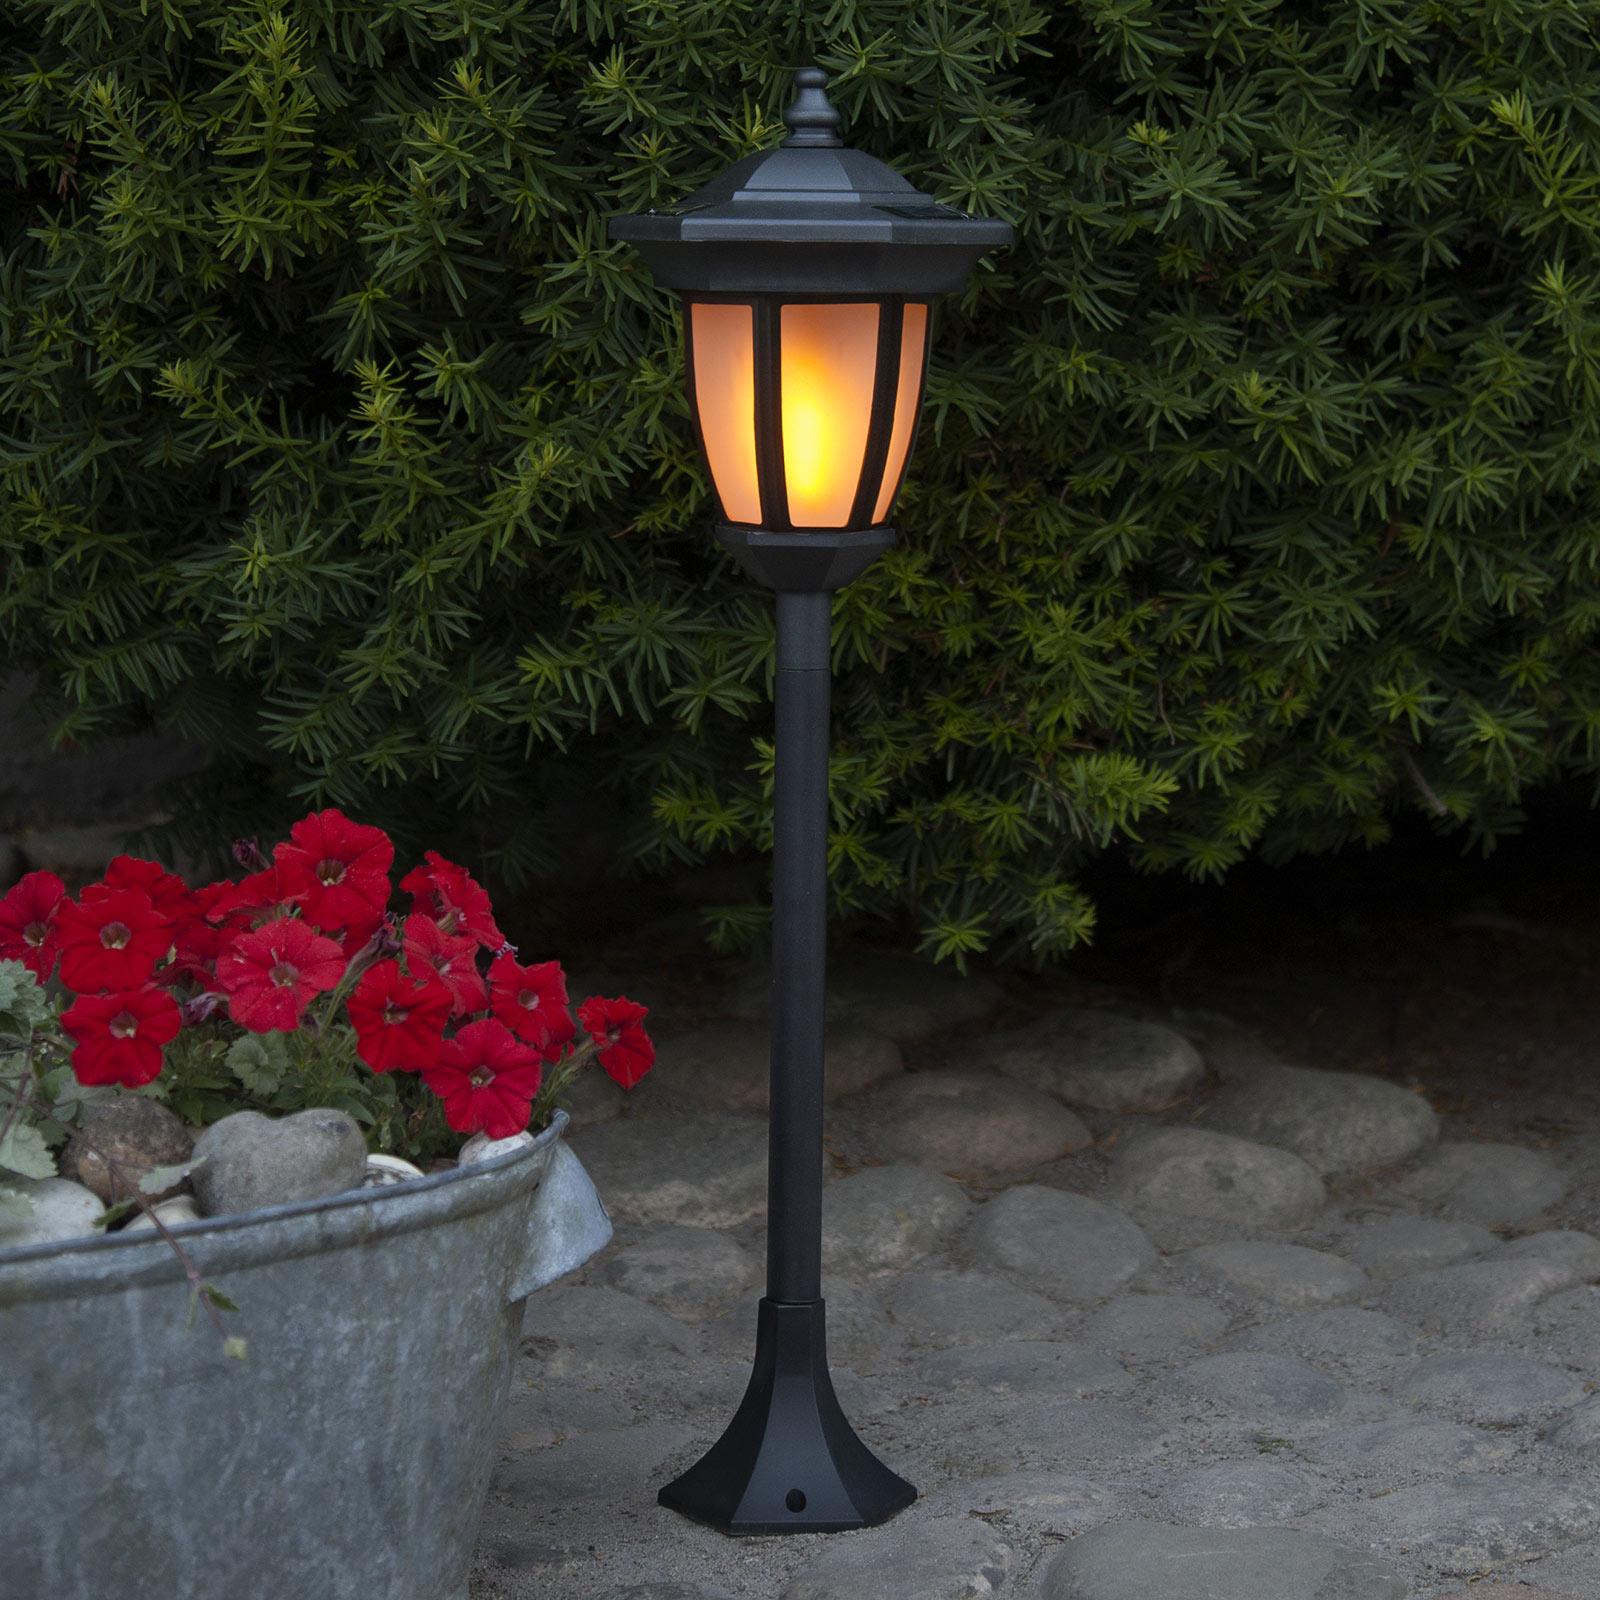 LED-solcellelampe Flame 4 i 1 svart